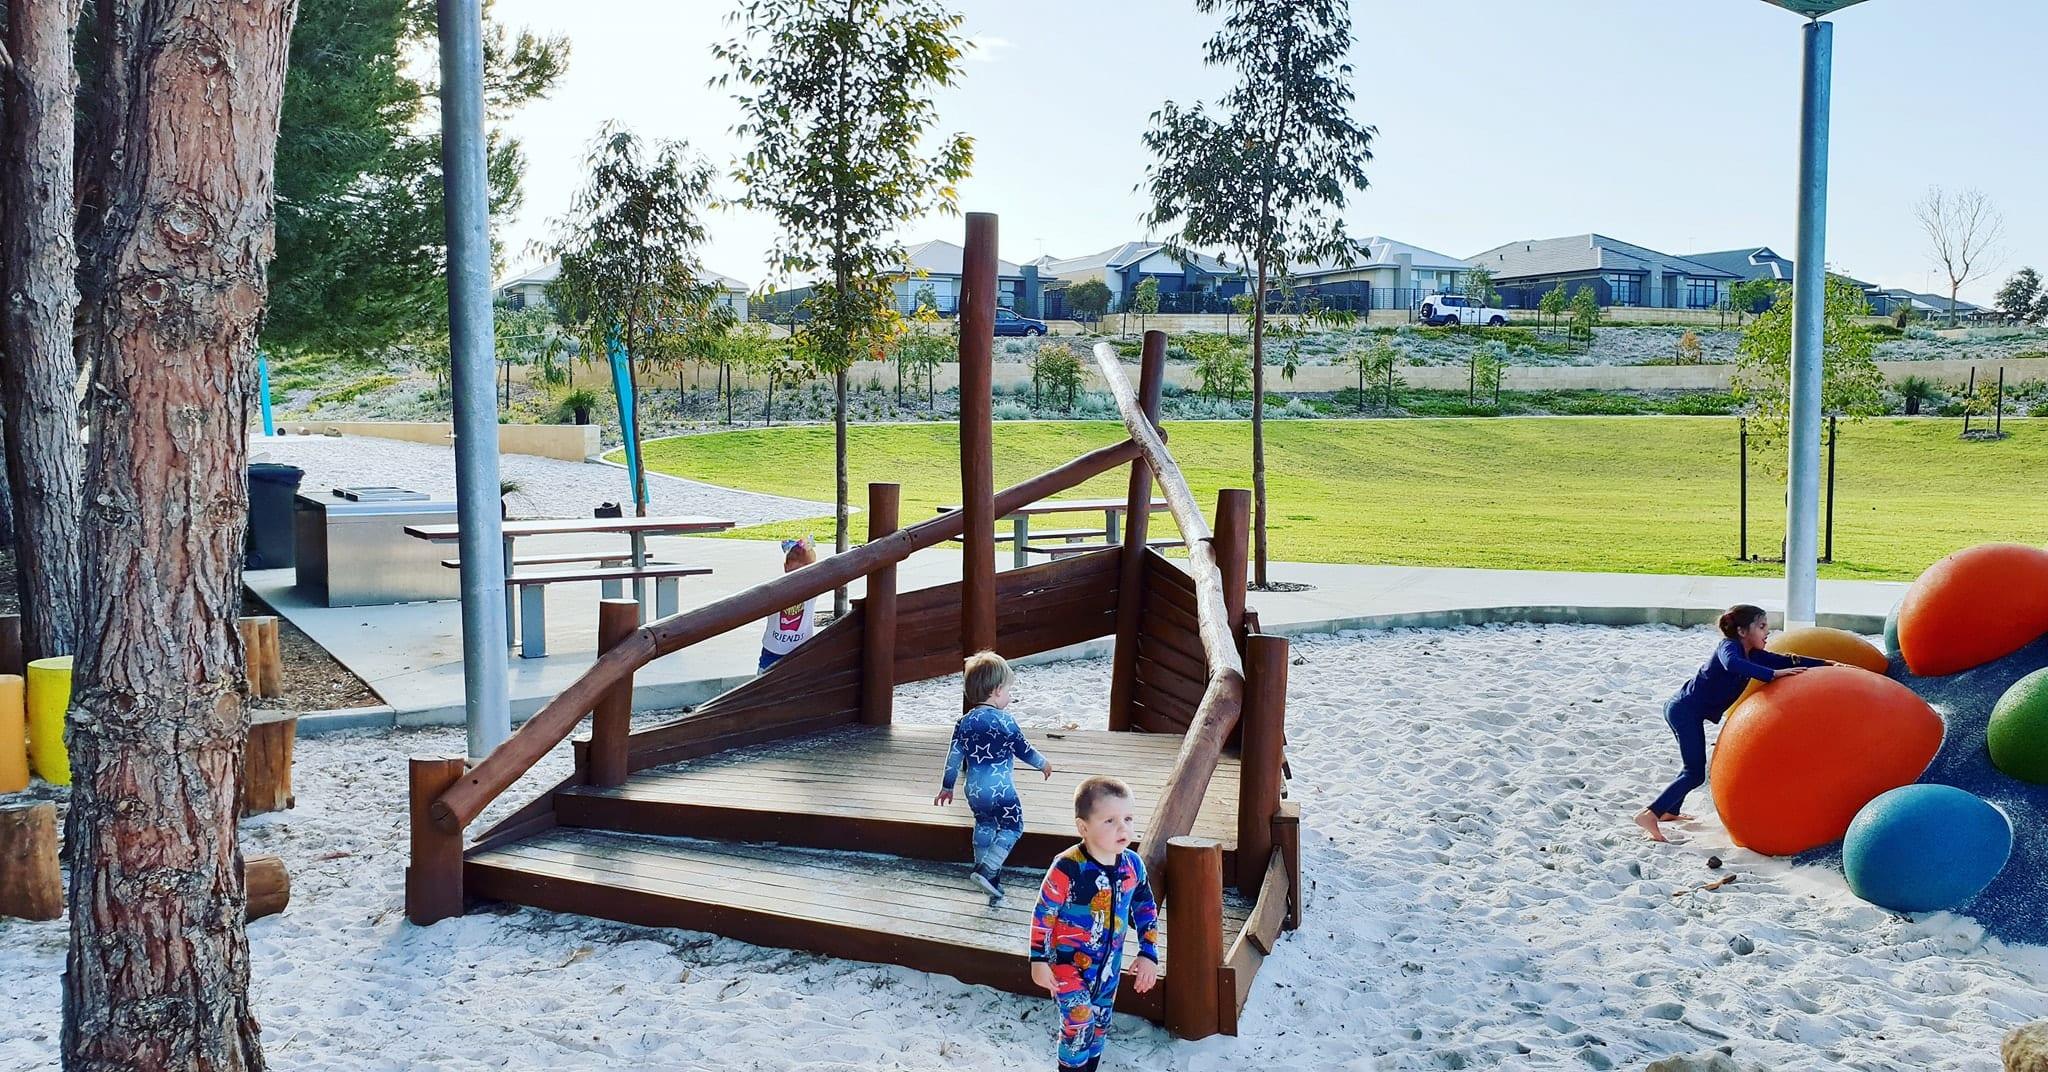 Yanchep Golf Estate Playground, Yanchep